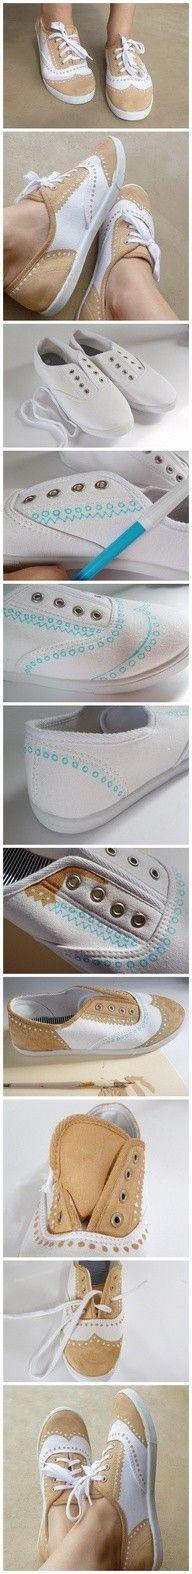 Consigue unas zapatillas blancas y dale un toque de color, conseguirás que sean irreconocibles.